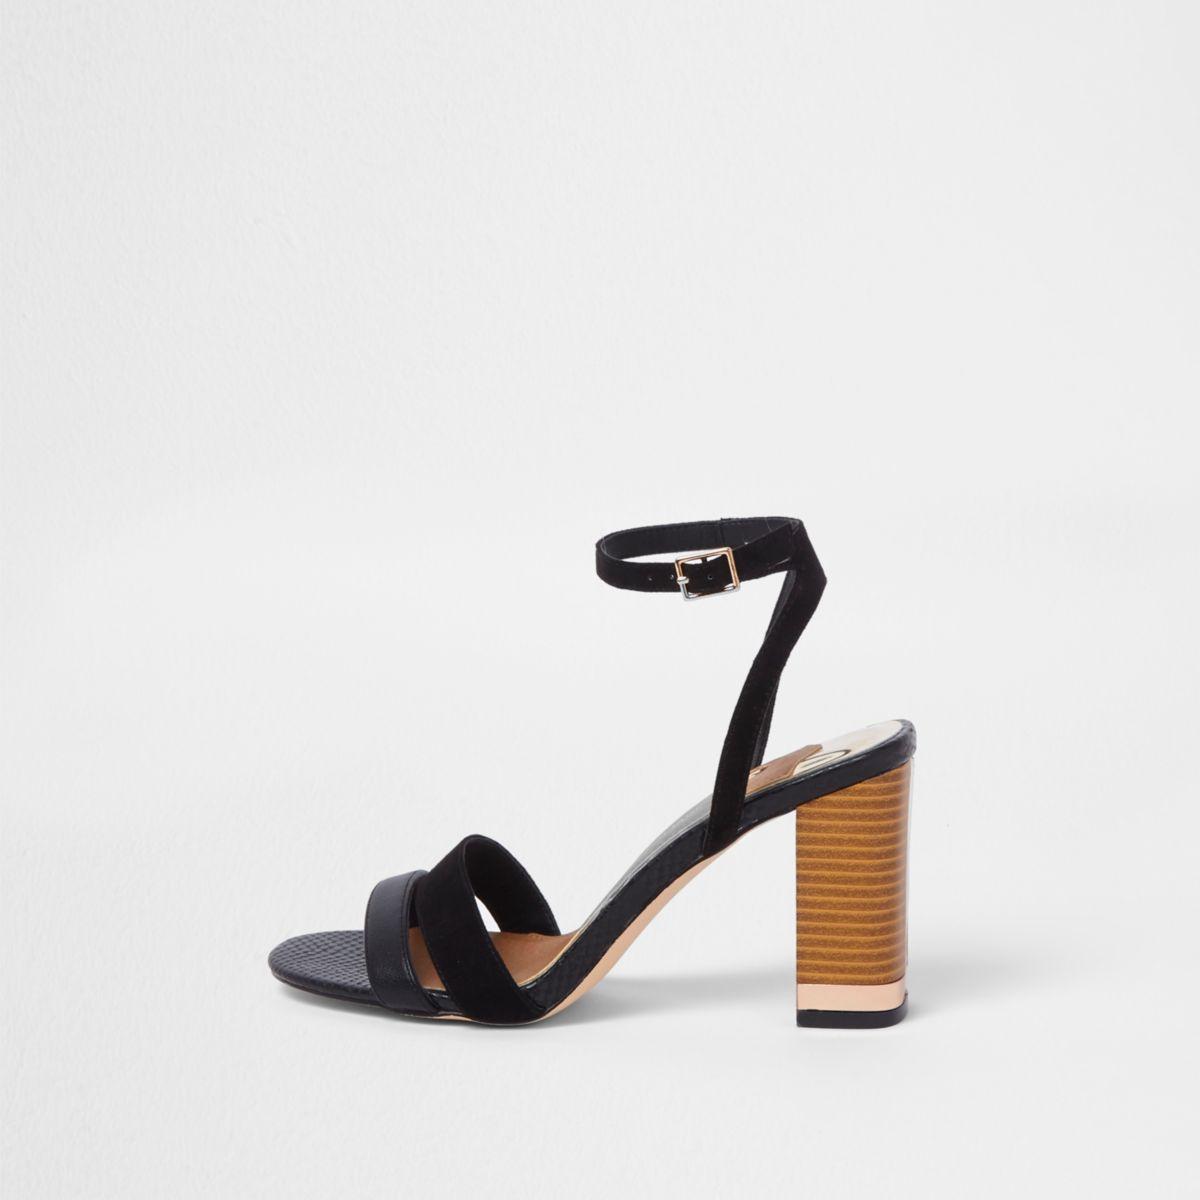 Sandales minimalistes noires à talon carré